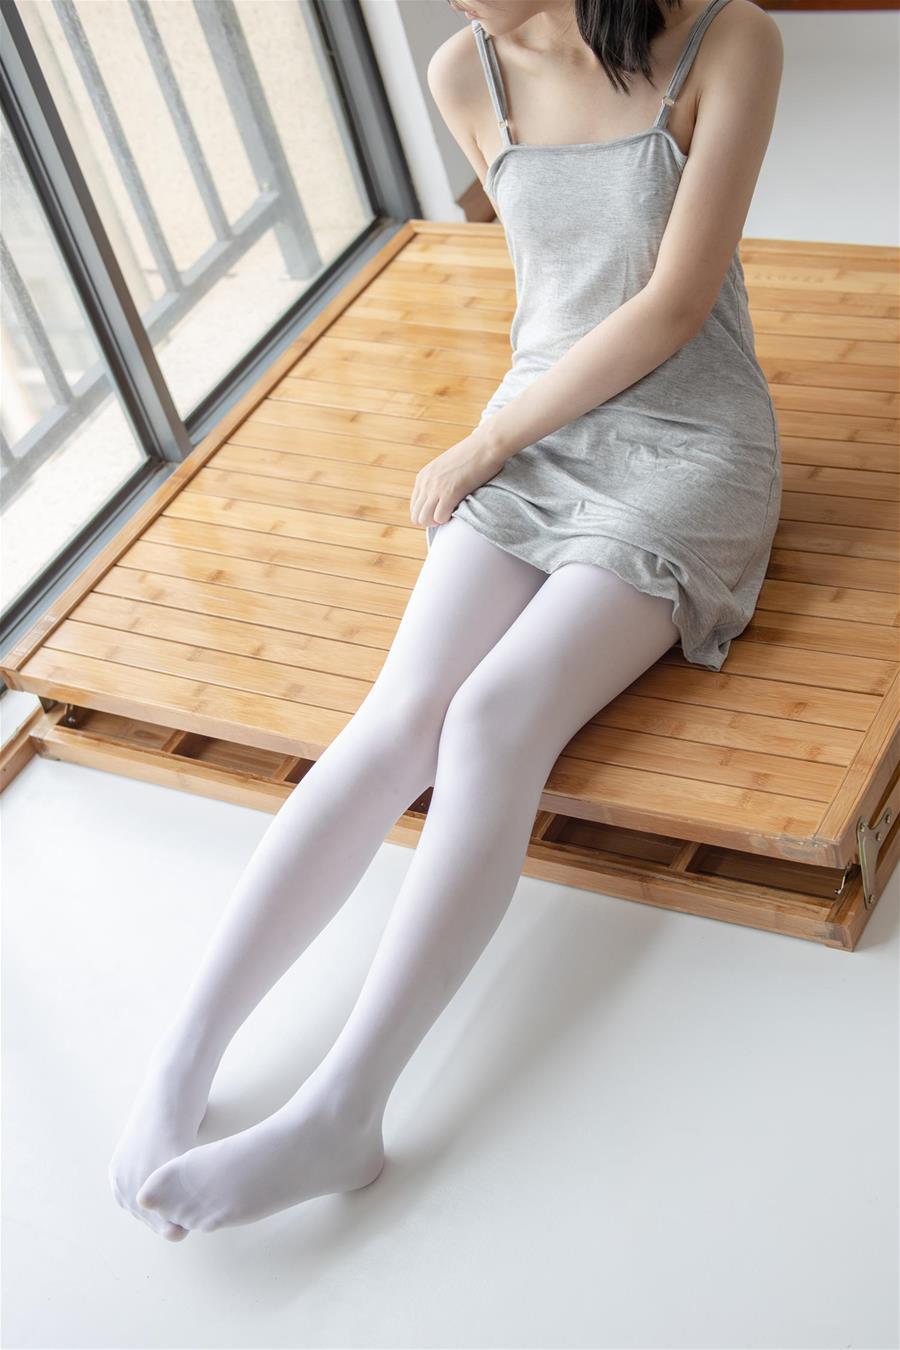 森萝财团 JKFUN-013 小香 80D白丝 [160P1V-2.40GB] 森萝财团-第1张